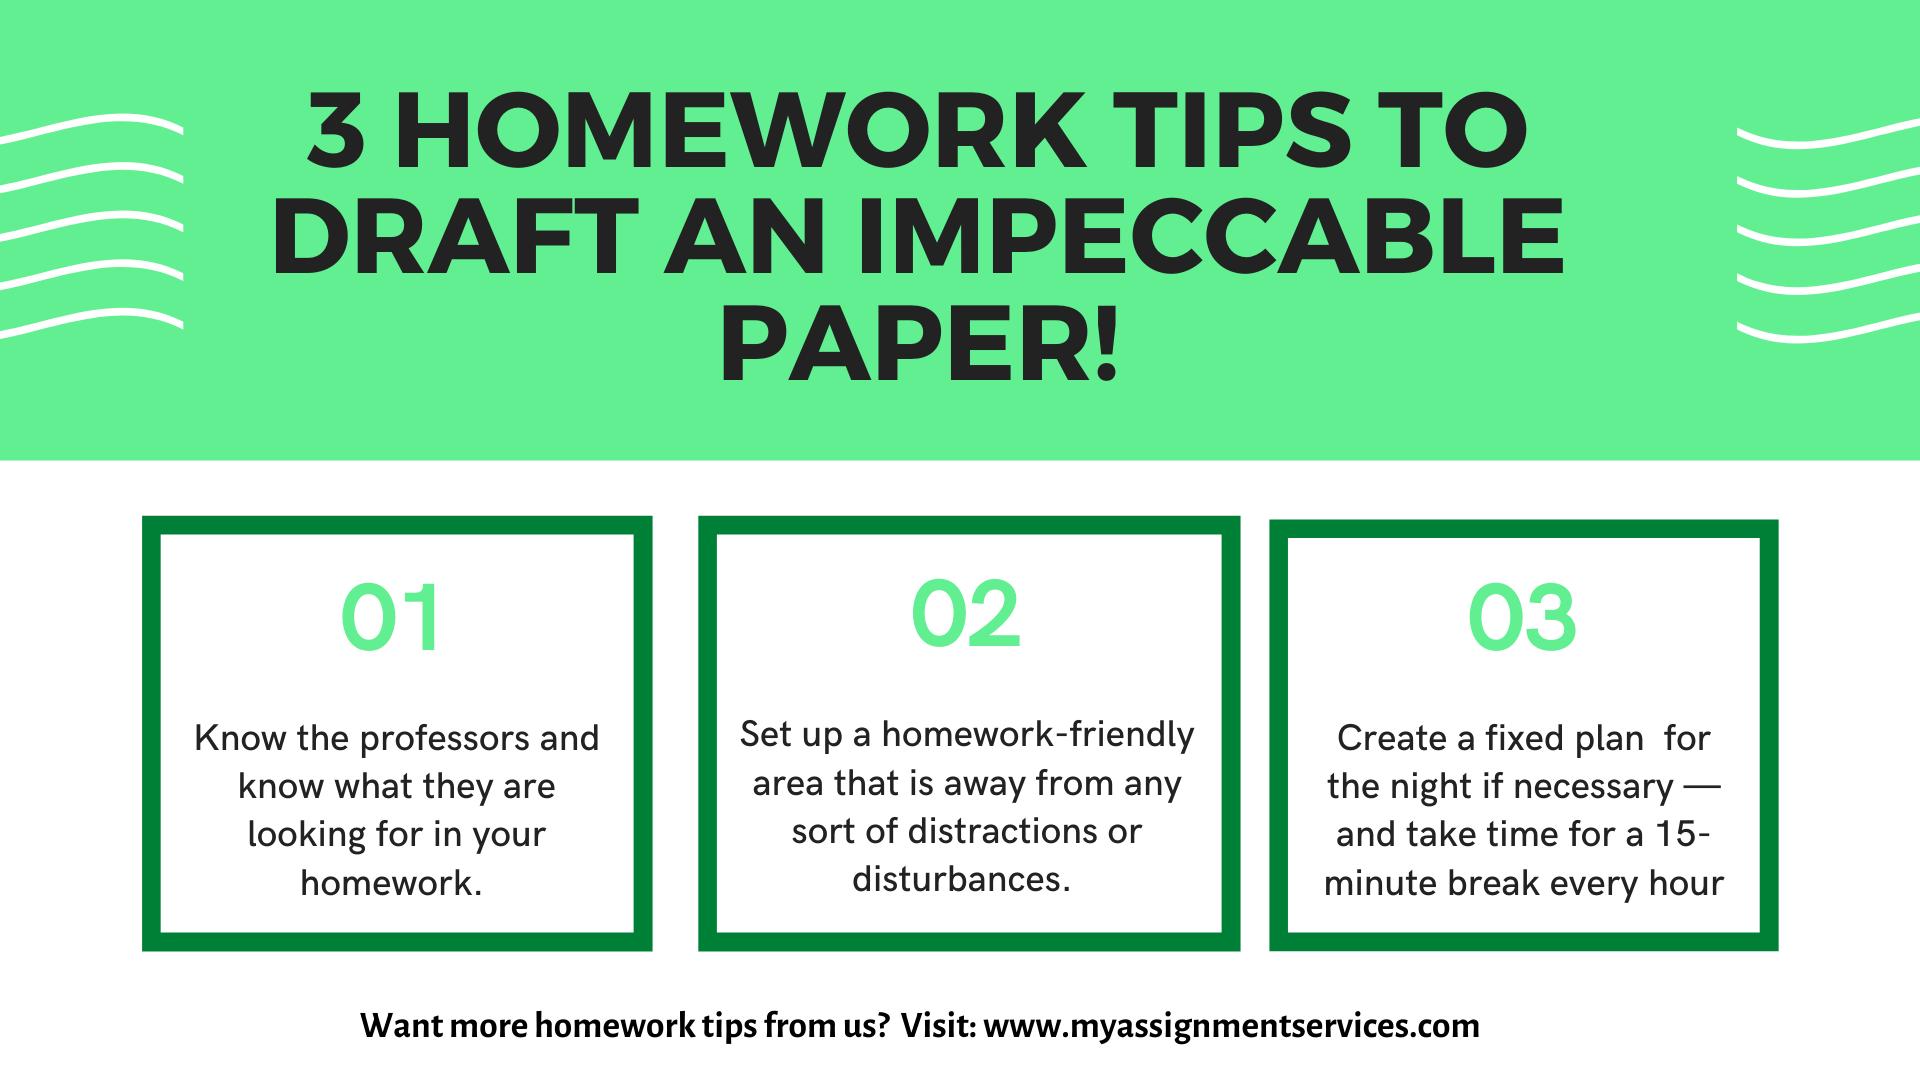 3 homework tips